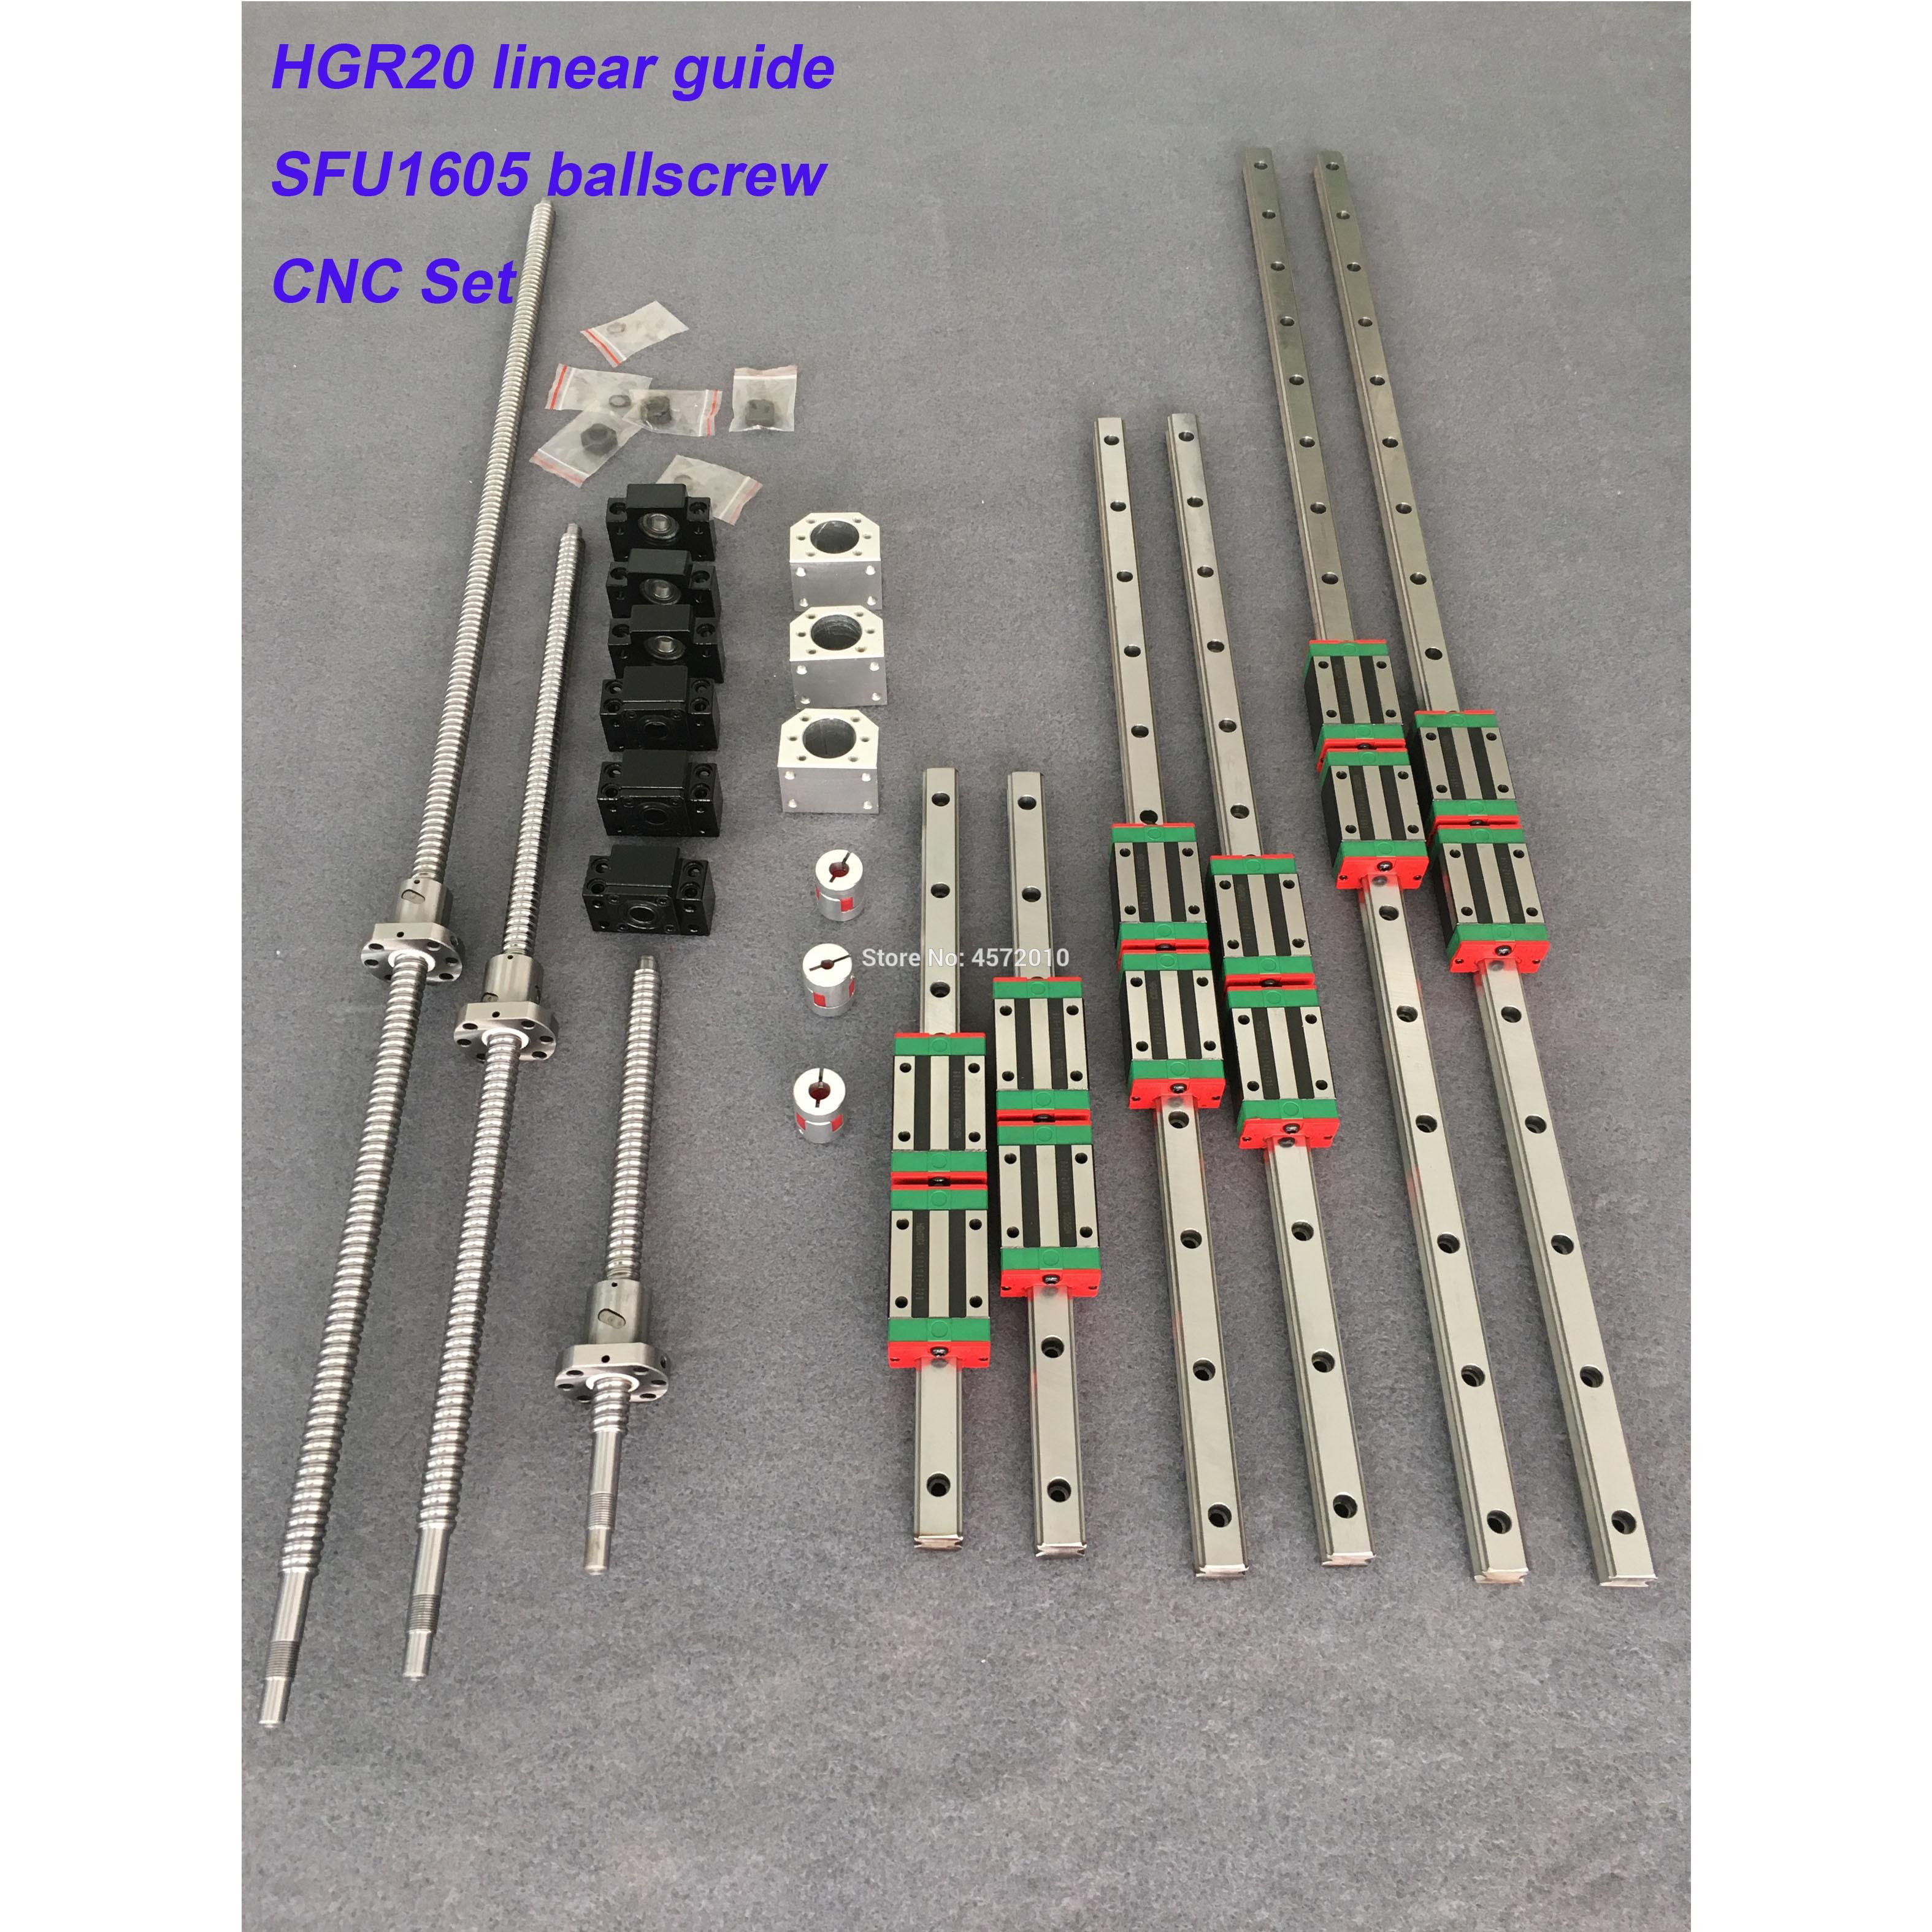 CNC ensemble HGR20 guide Linéaire Carré ensembles 12 pièces HGH20CA + SFU605/1610 1605 vis à billes + BK BF12 logement Couplage pour moteur De Broche kit